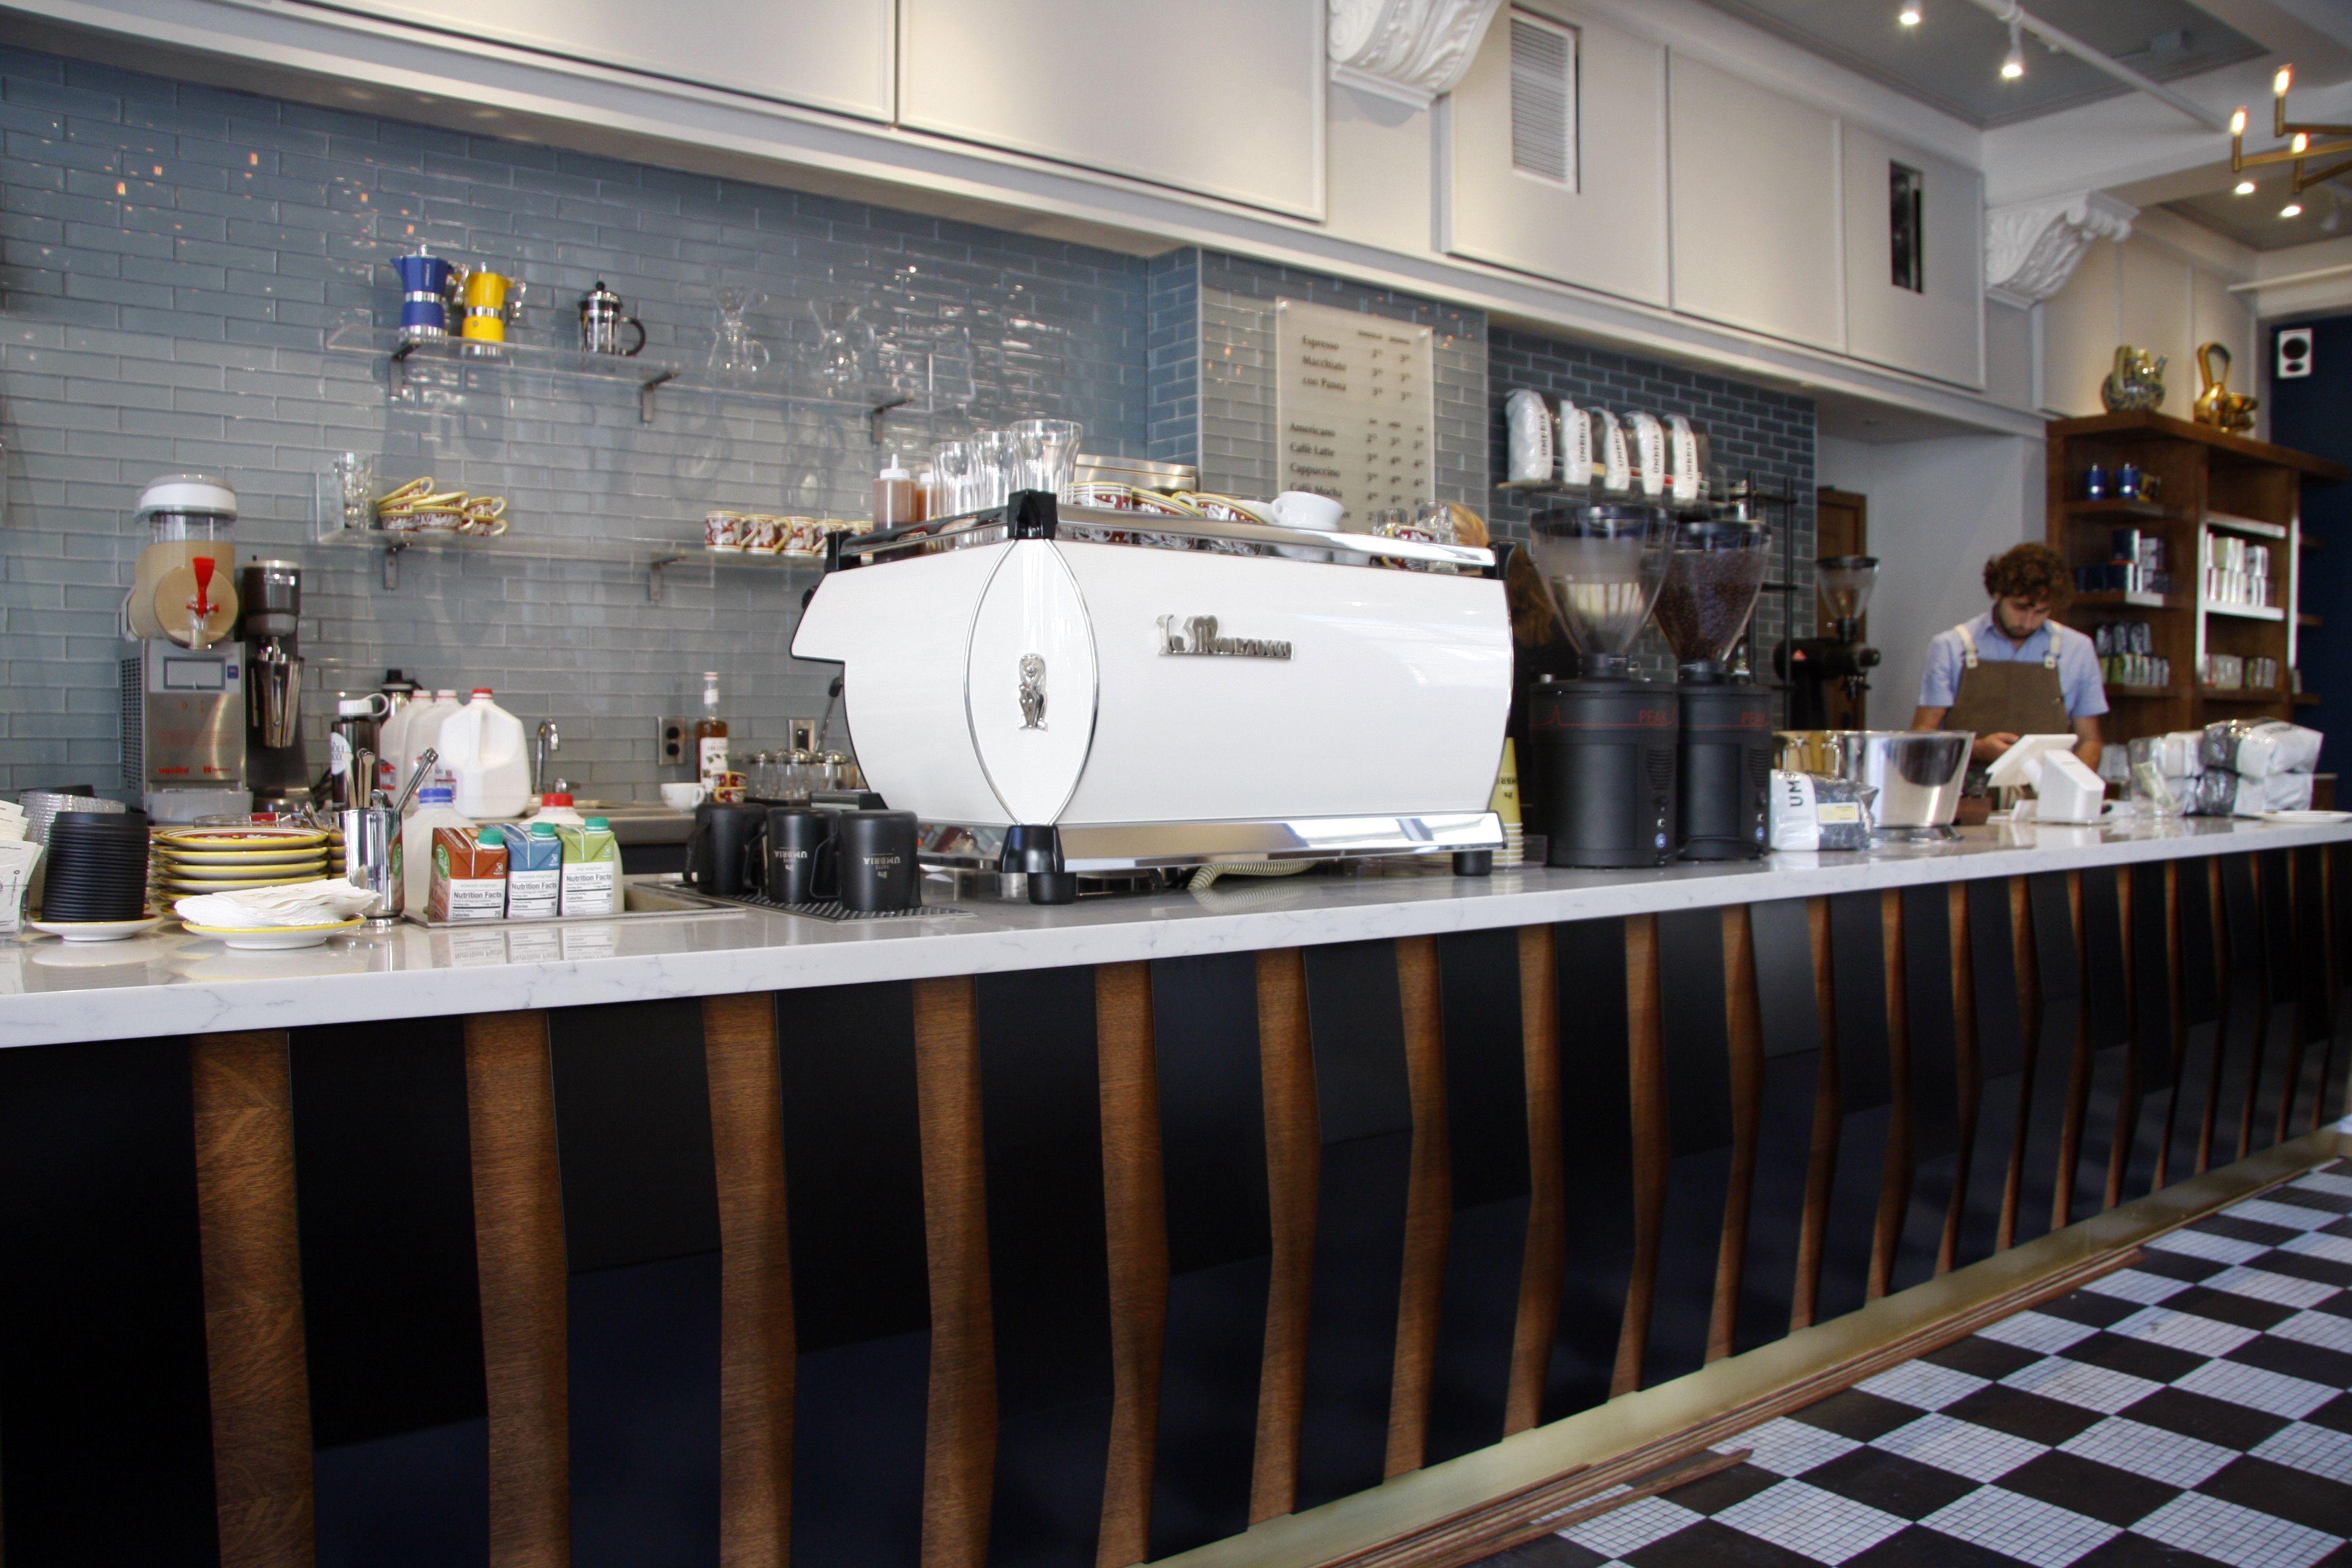 Caffe umbria madison cafe portland or italian cafe